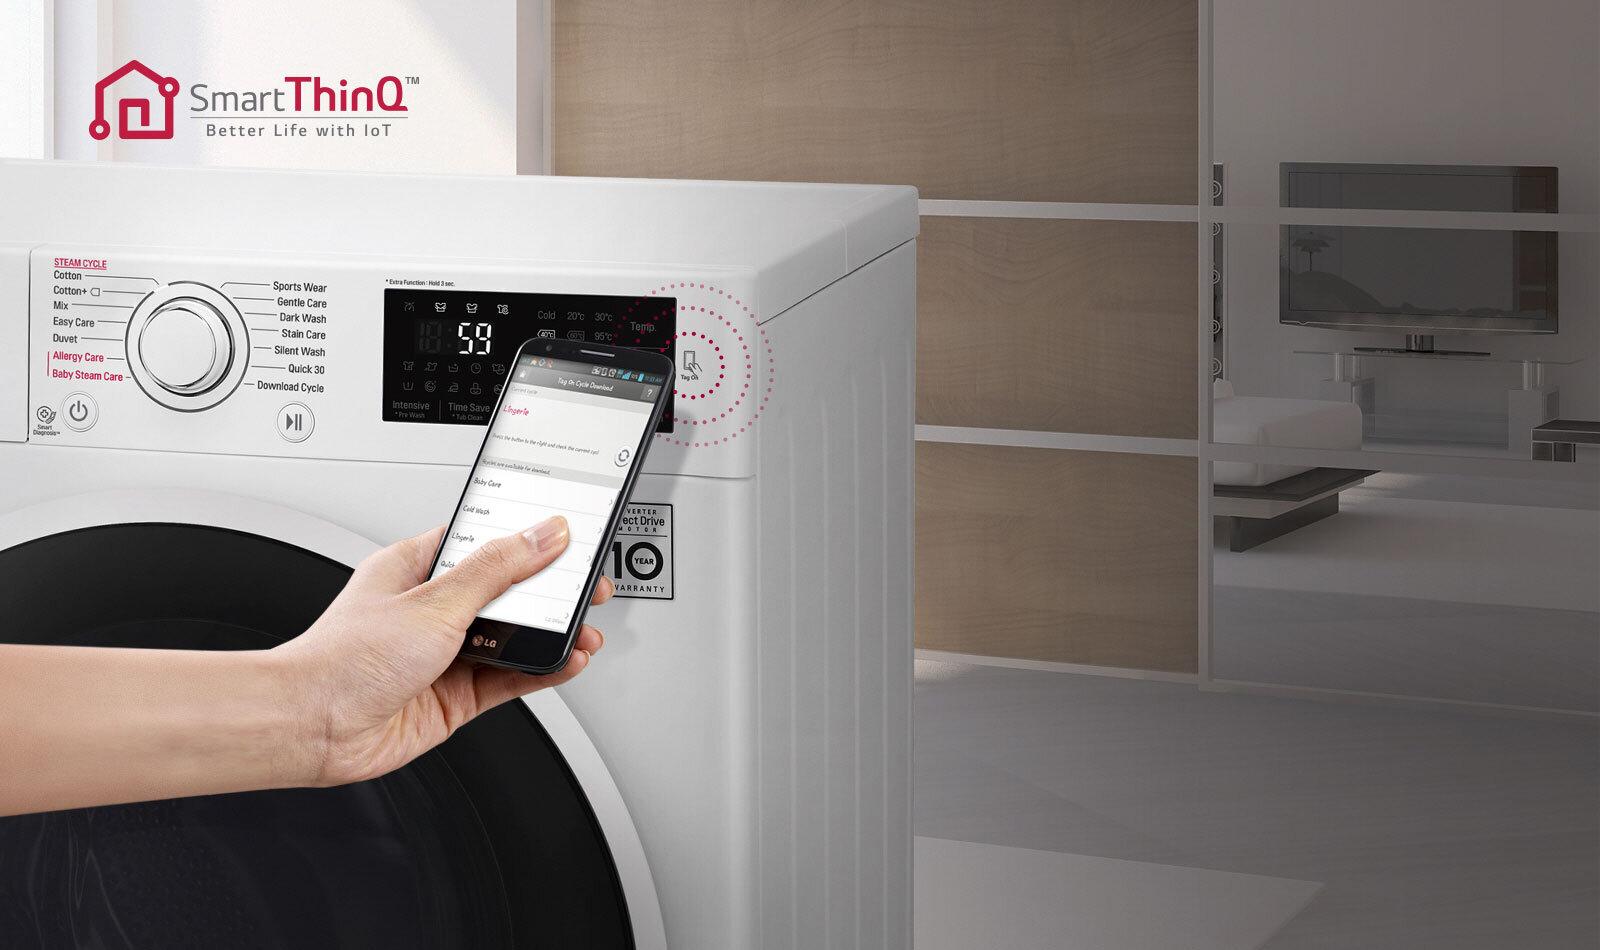 Máy giặt LG 8kg FC1408S4W2 mang đến cho người dùng sự tiện lợi tối ưu nhất